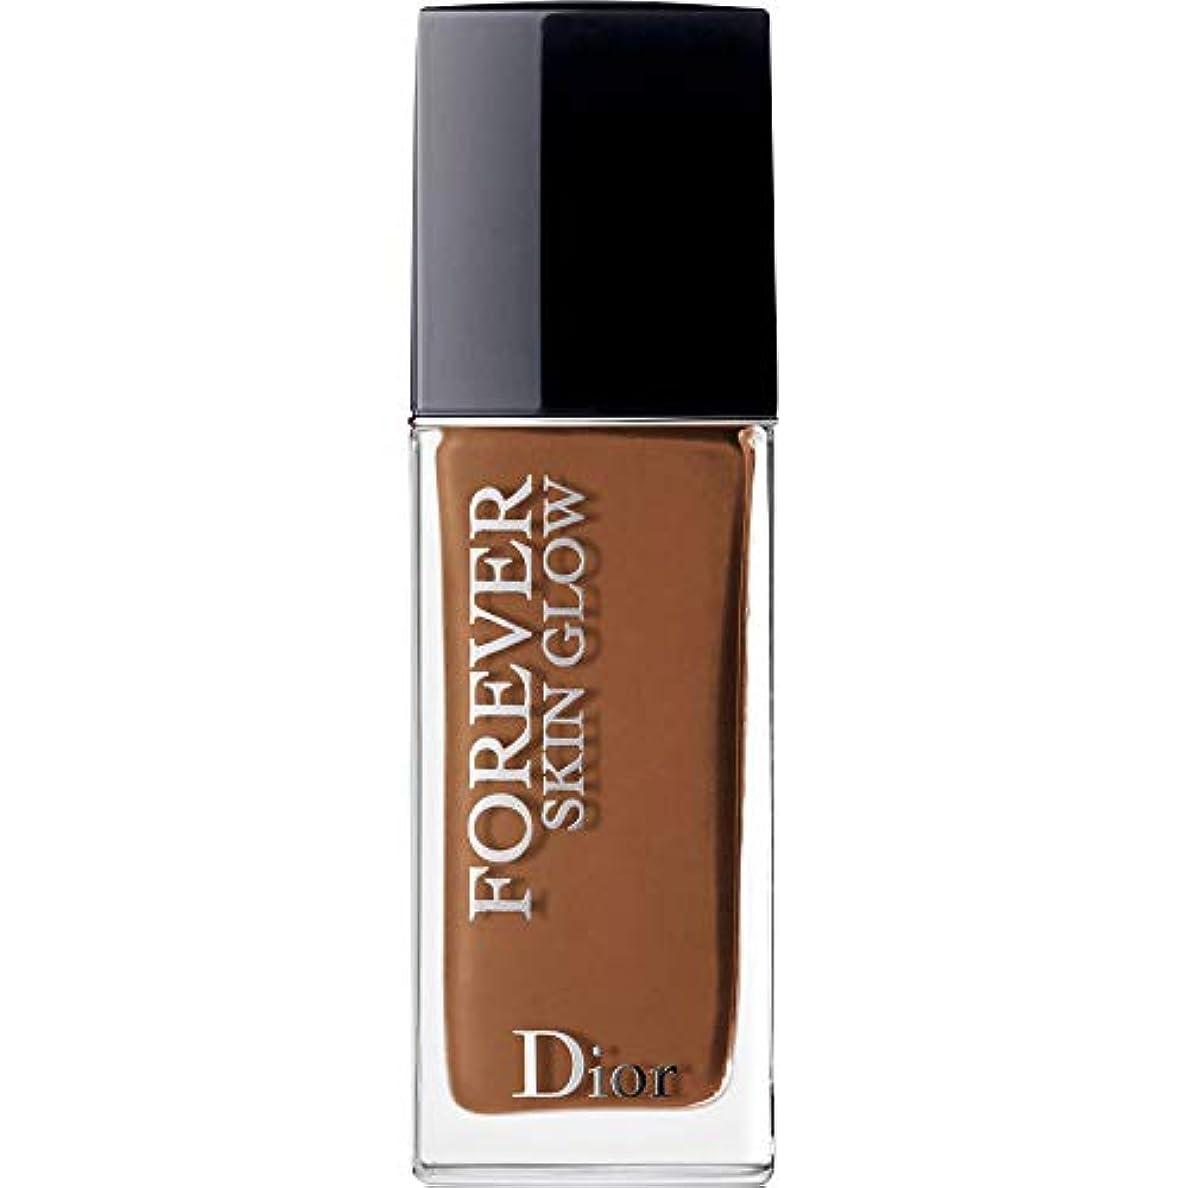 額間欠急速な[Dior ] ディオール永遠に皮膚グロー皮膚思いやりの基礎Spf35 30ミリリットルの8N - ニュートラル(肌の輝き) - DIOR Forever Skin Glow Skin-Caring Foundation...